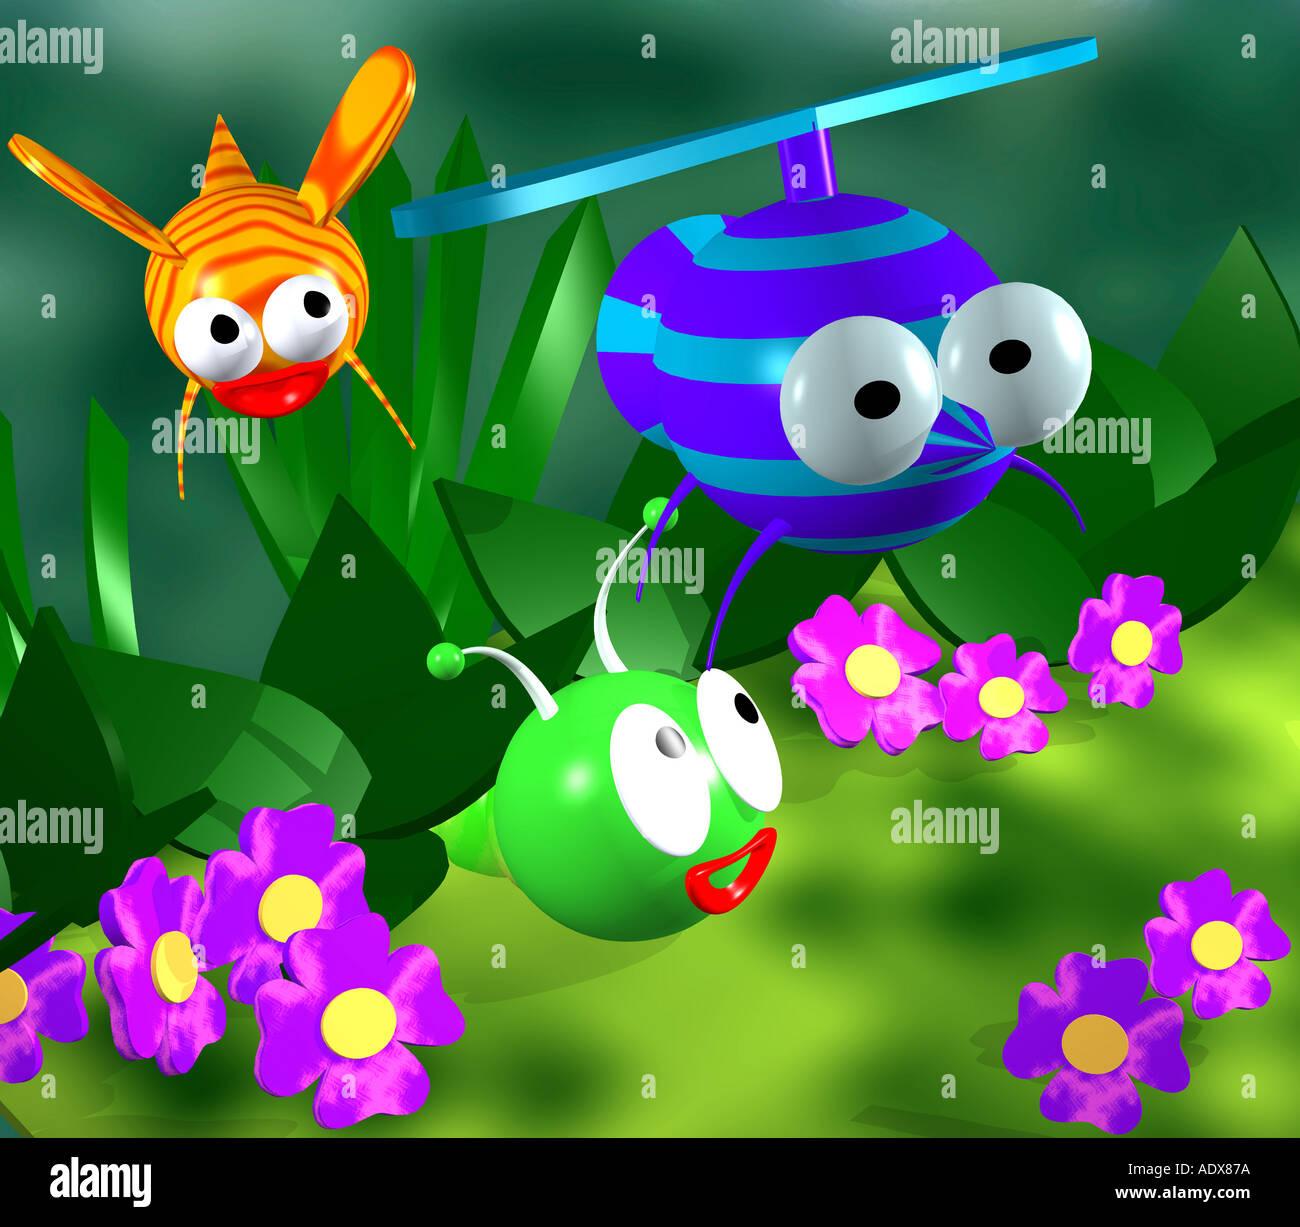 Le illustrazioni in computer grafica personaggi cg insetti insetto stilizzata bee mosquito fiore fiori cartoon infantile char infantile Immagini Stock